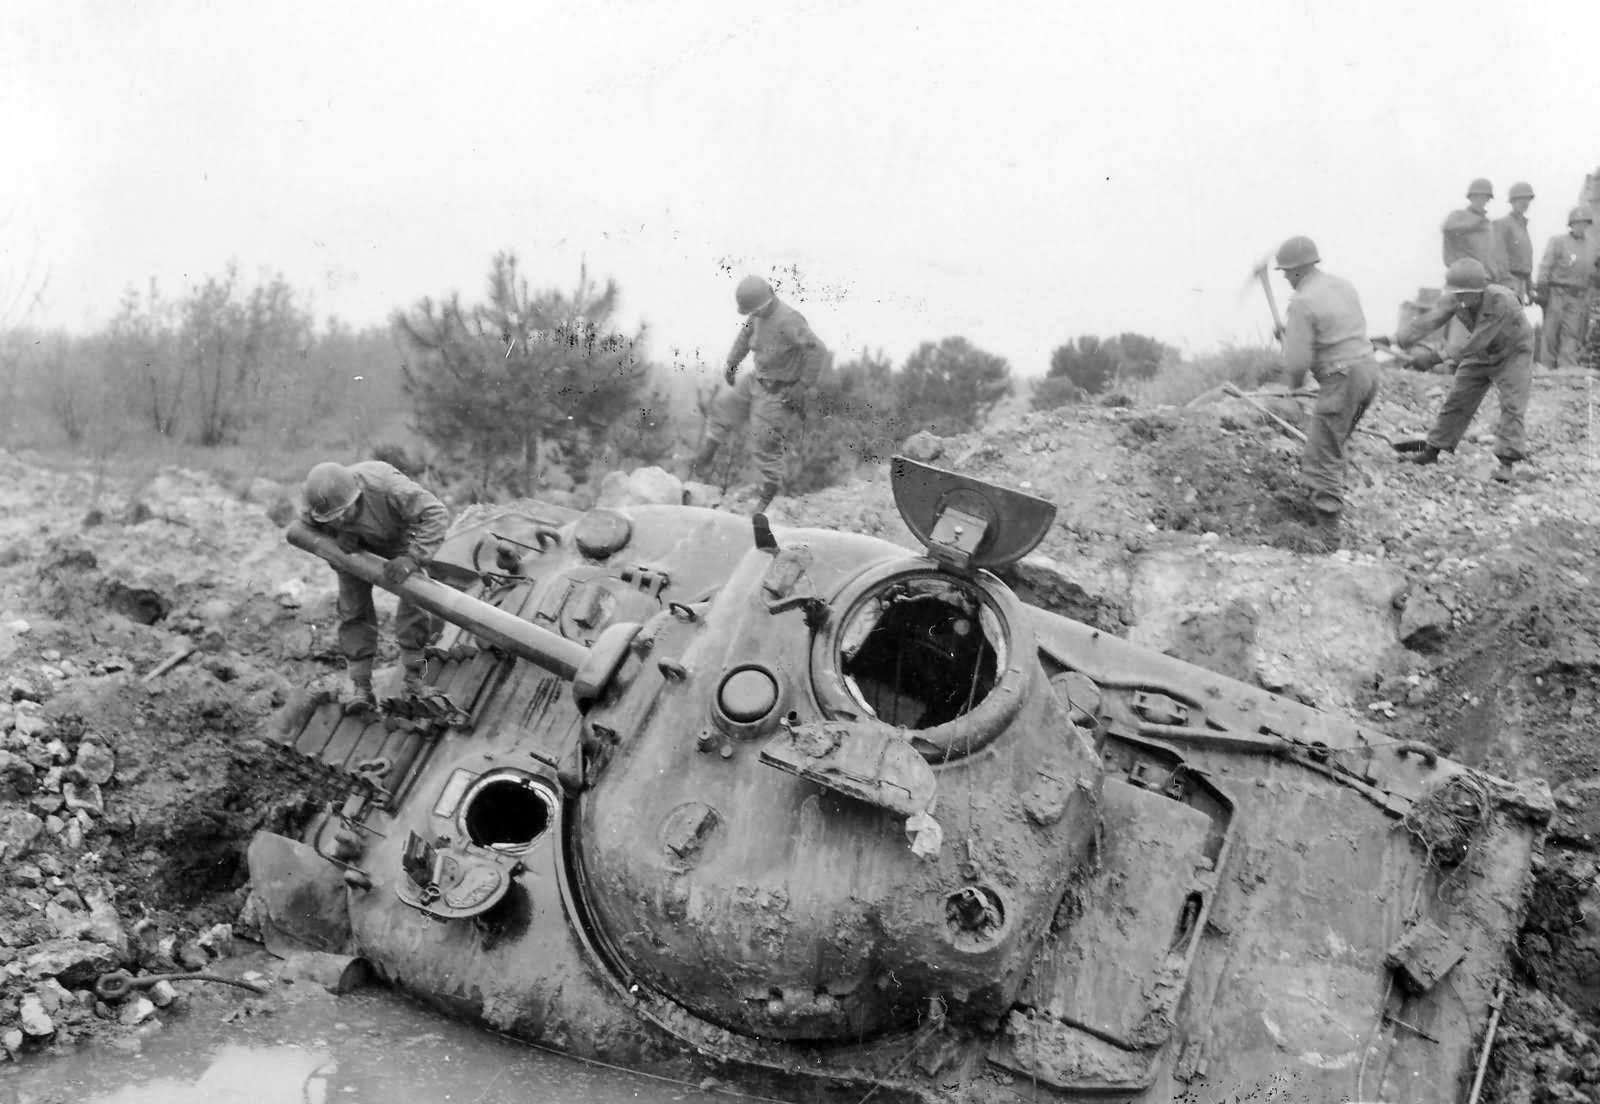 1st Armored Division M4 Sherman Wreck Littoria Italy 1944 - Un Sherman M4 de la 1st Armored Division en bien mauvaise posture près de Littoria (Italie), en 1944